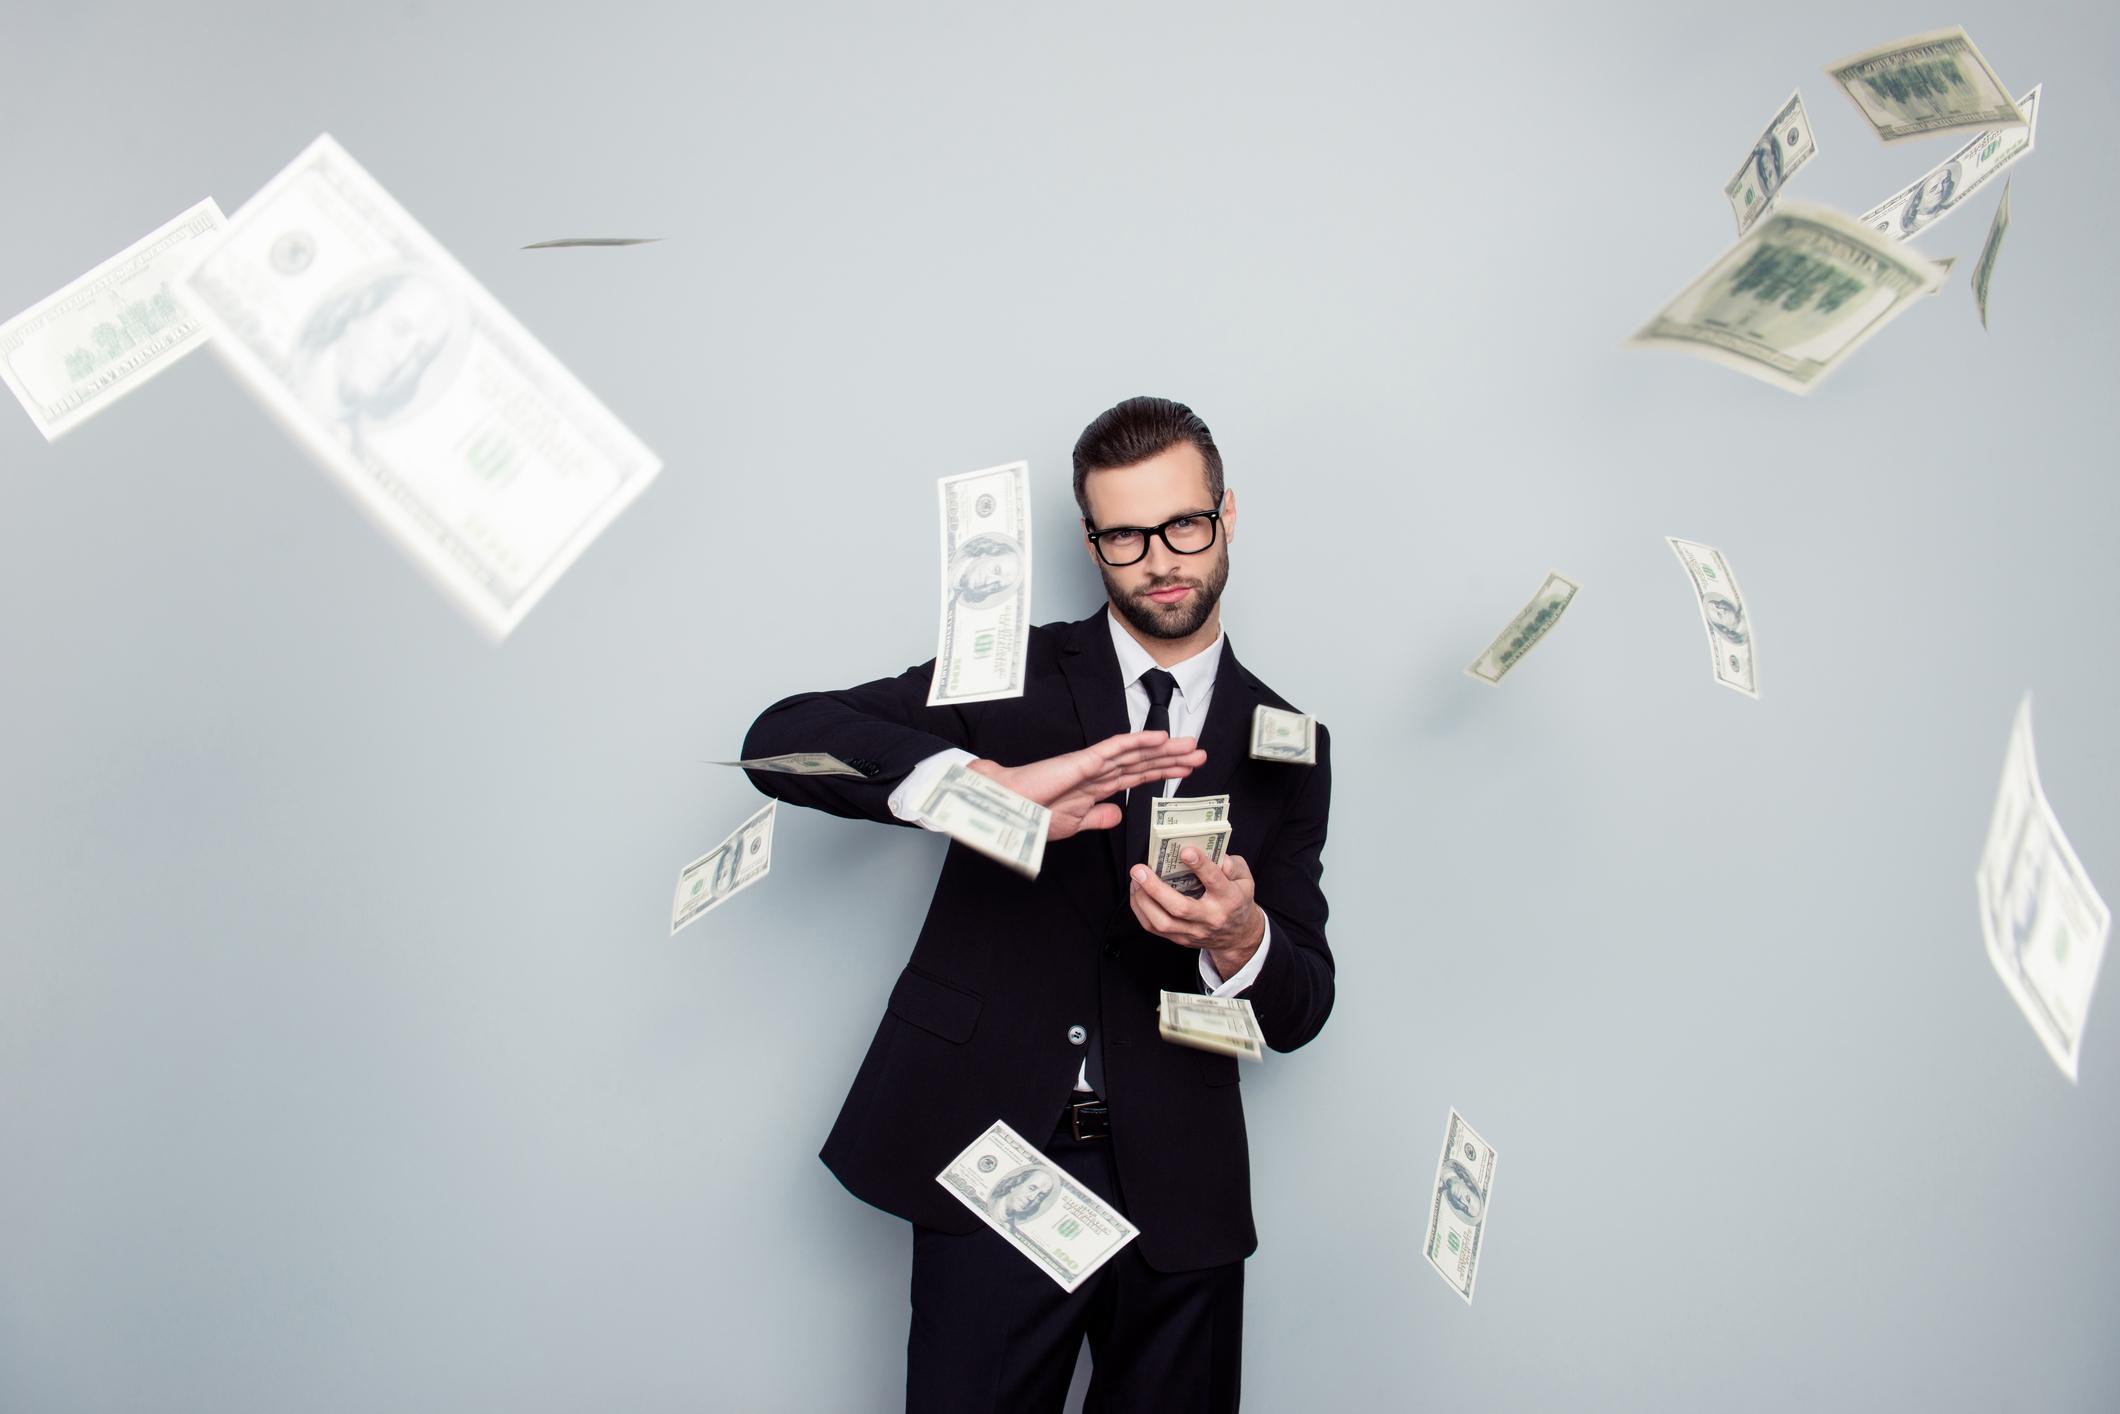 Man in suit making it rain money